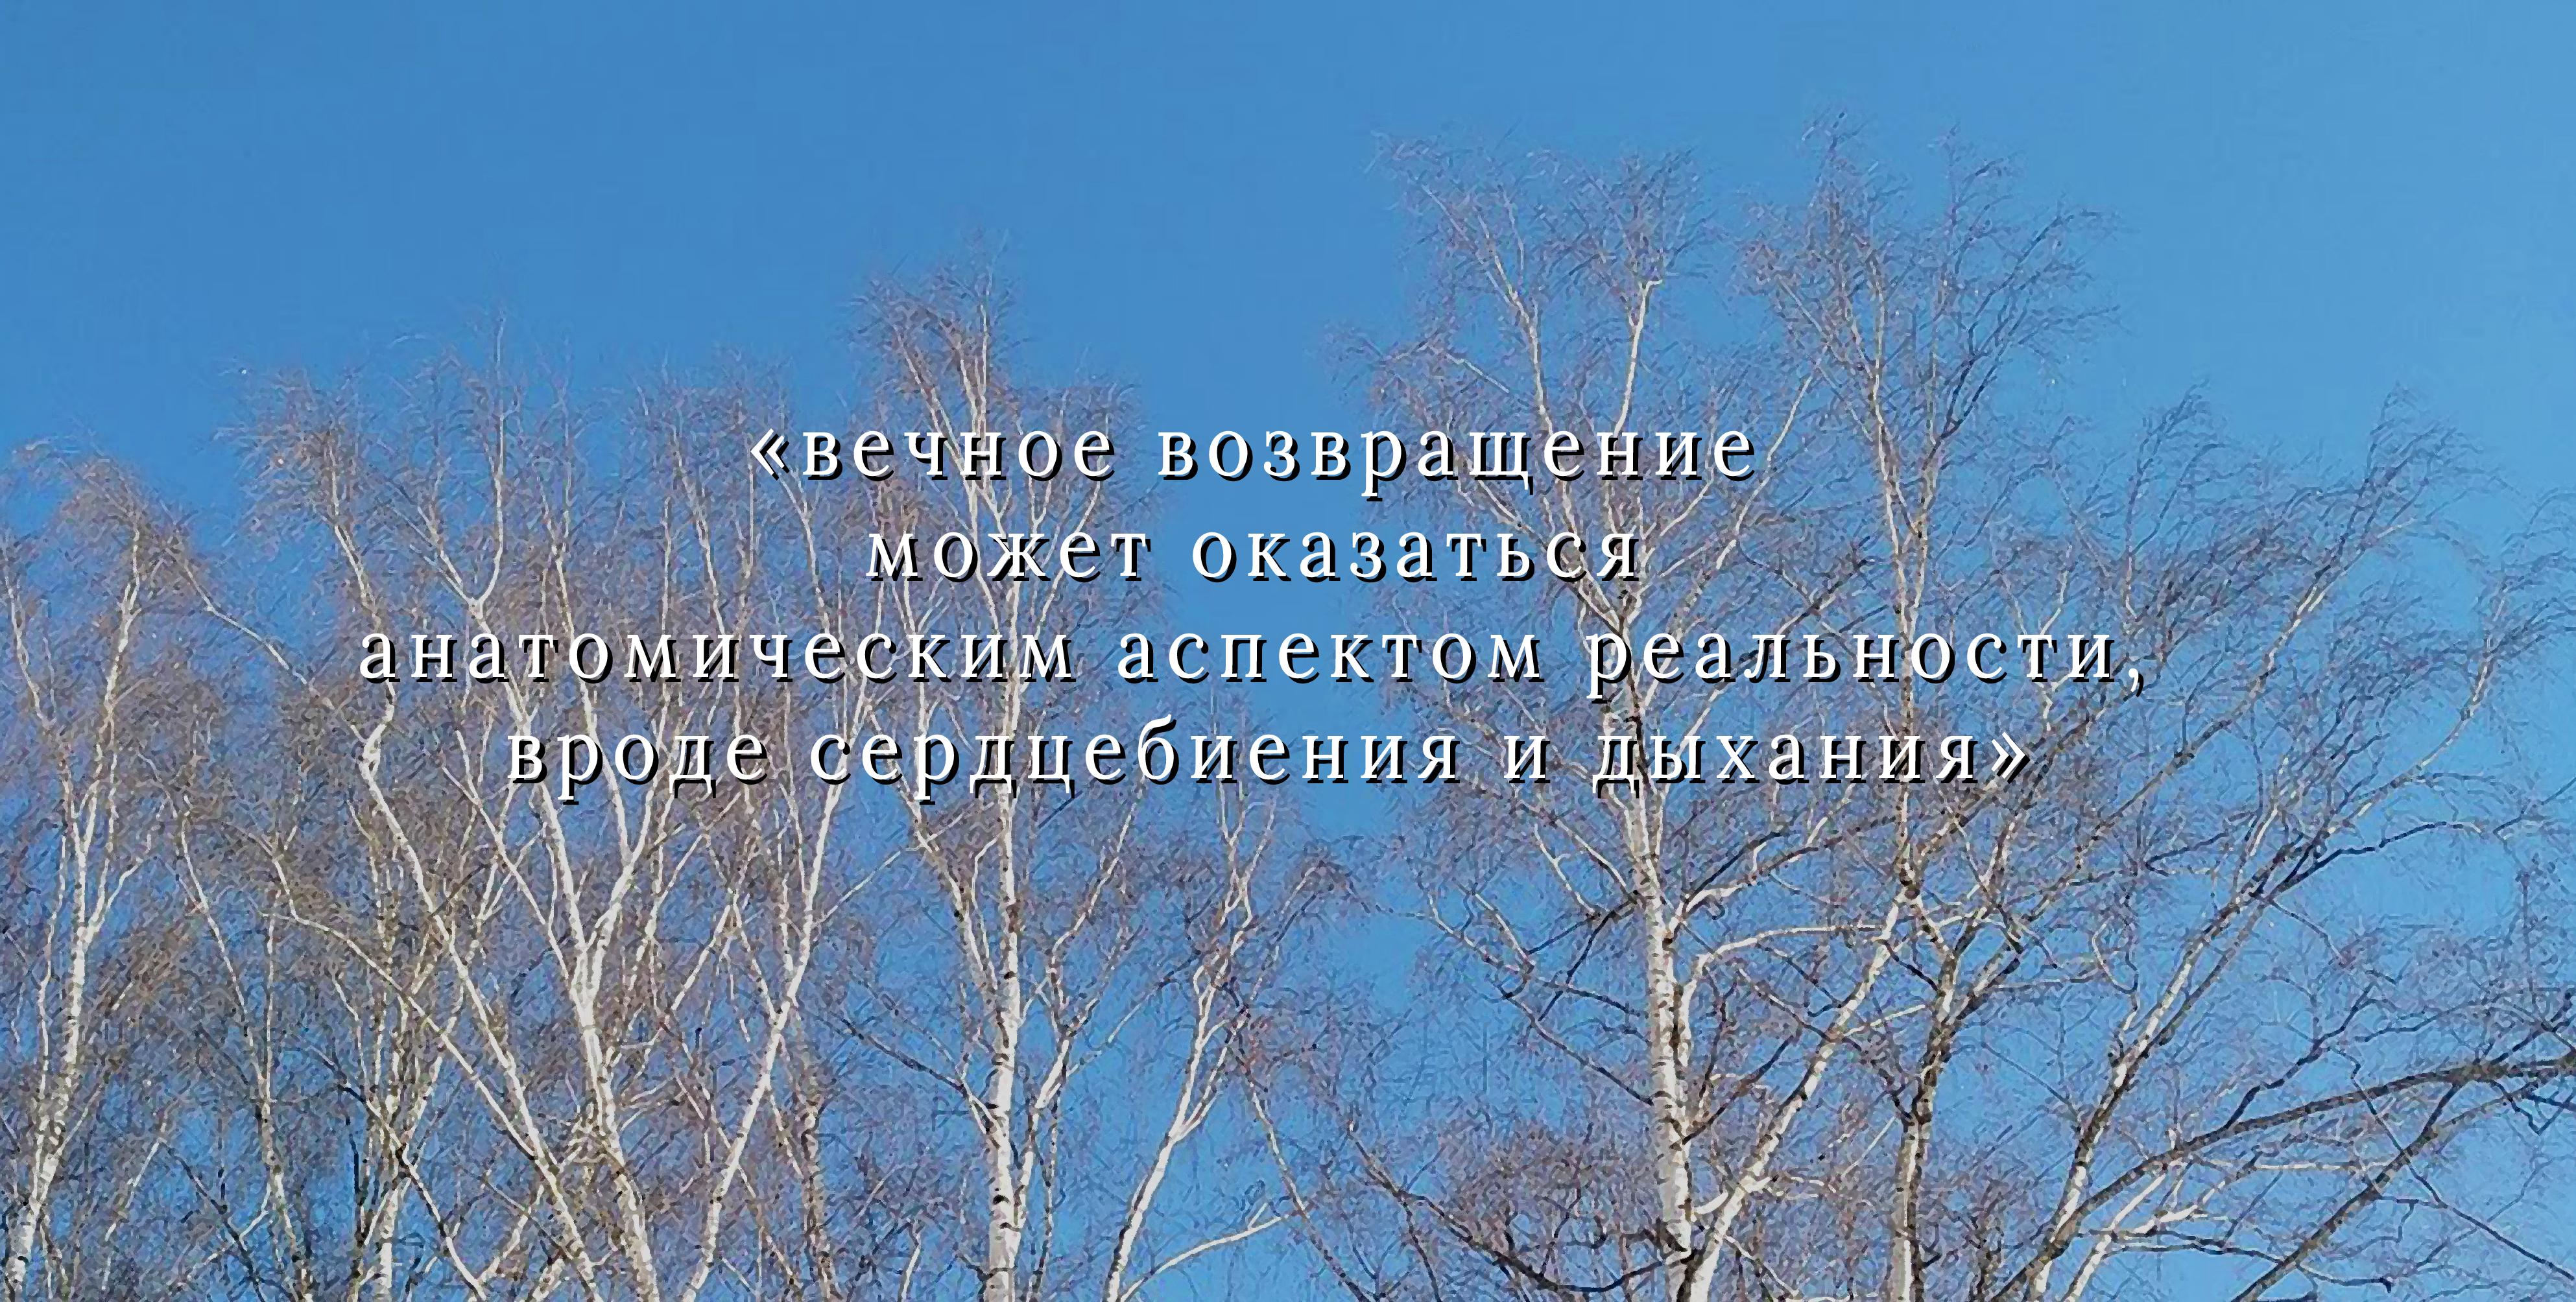 Выпуск 7. В канун весеннего равноденствия – очнуться ото сна и впустить солнце в мысли